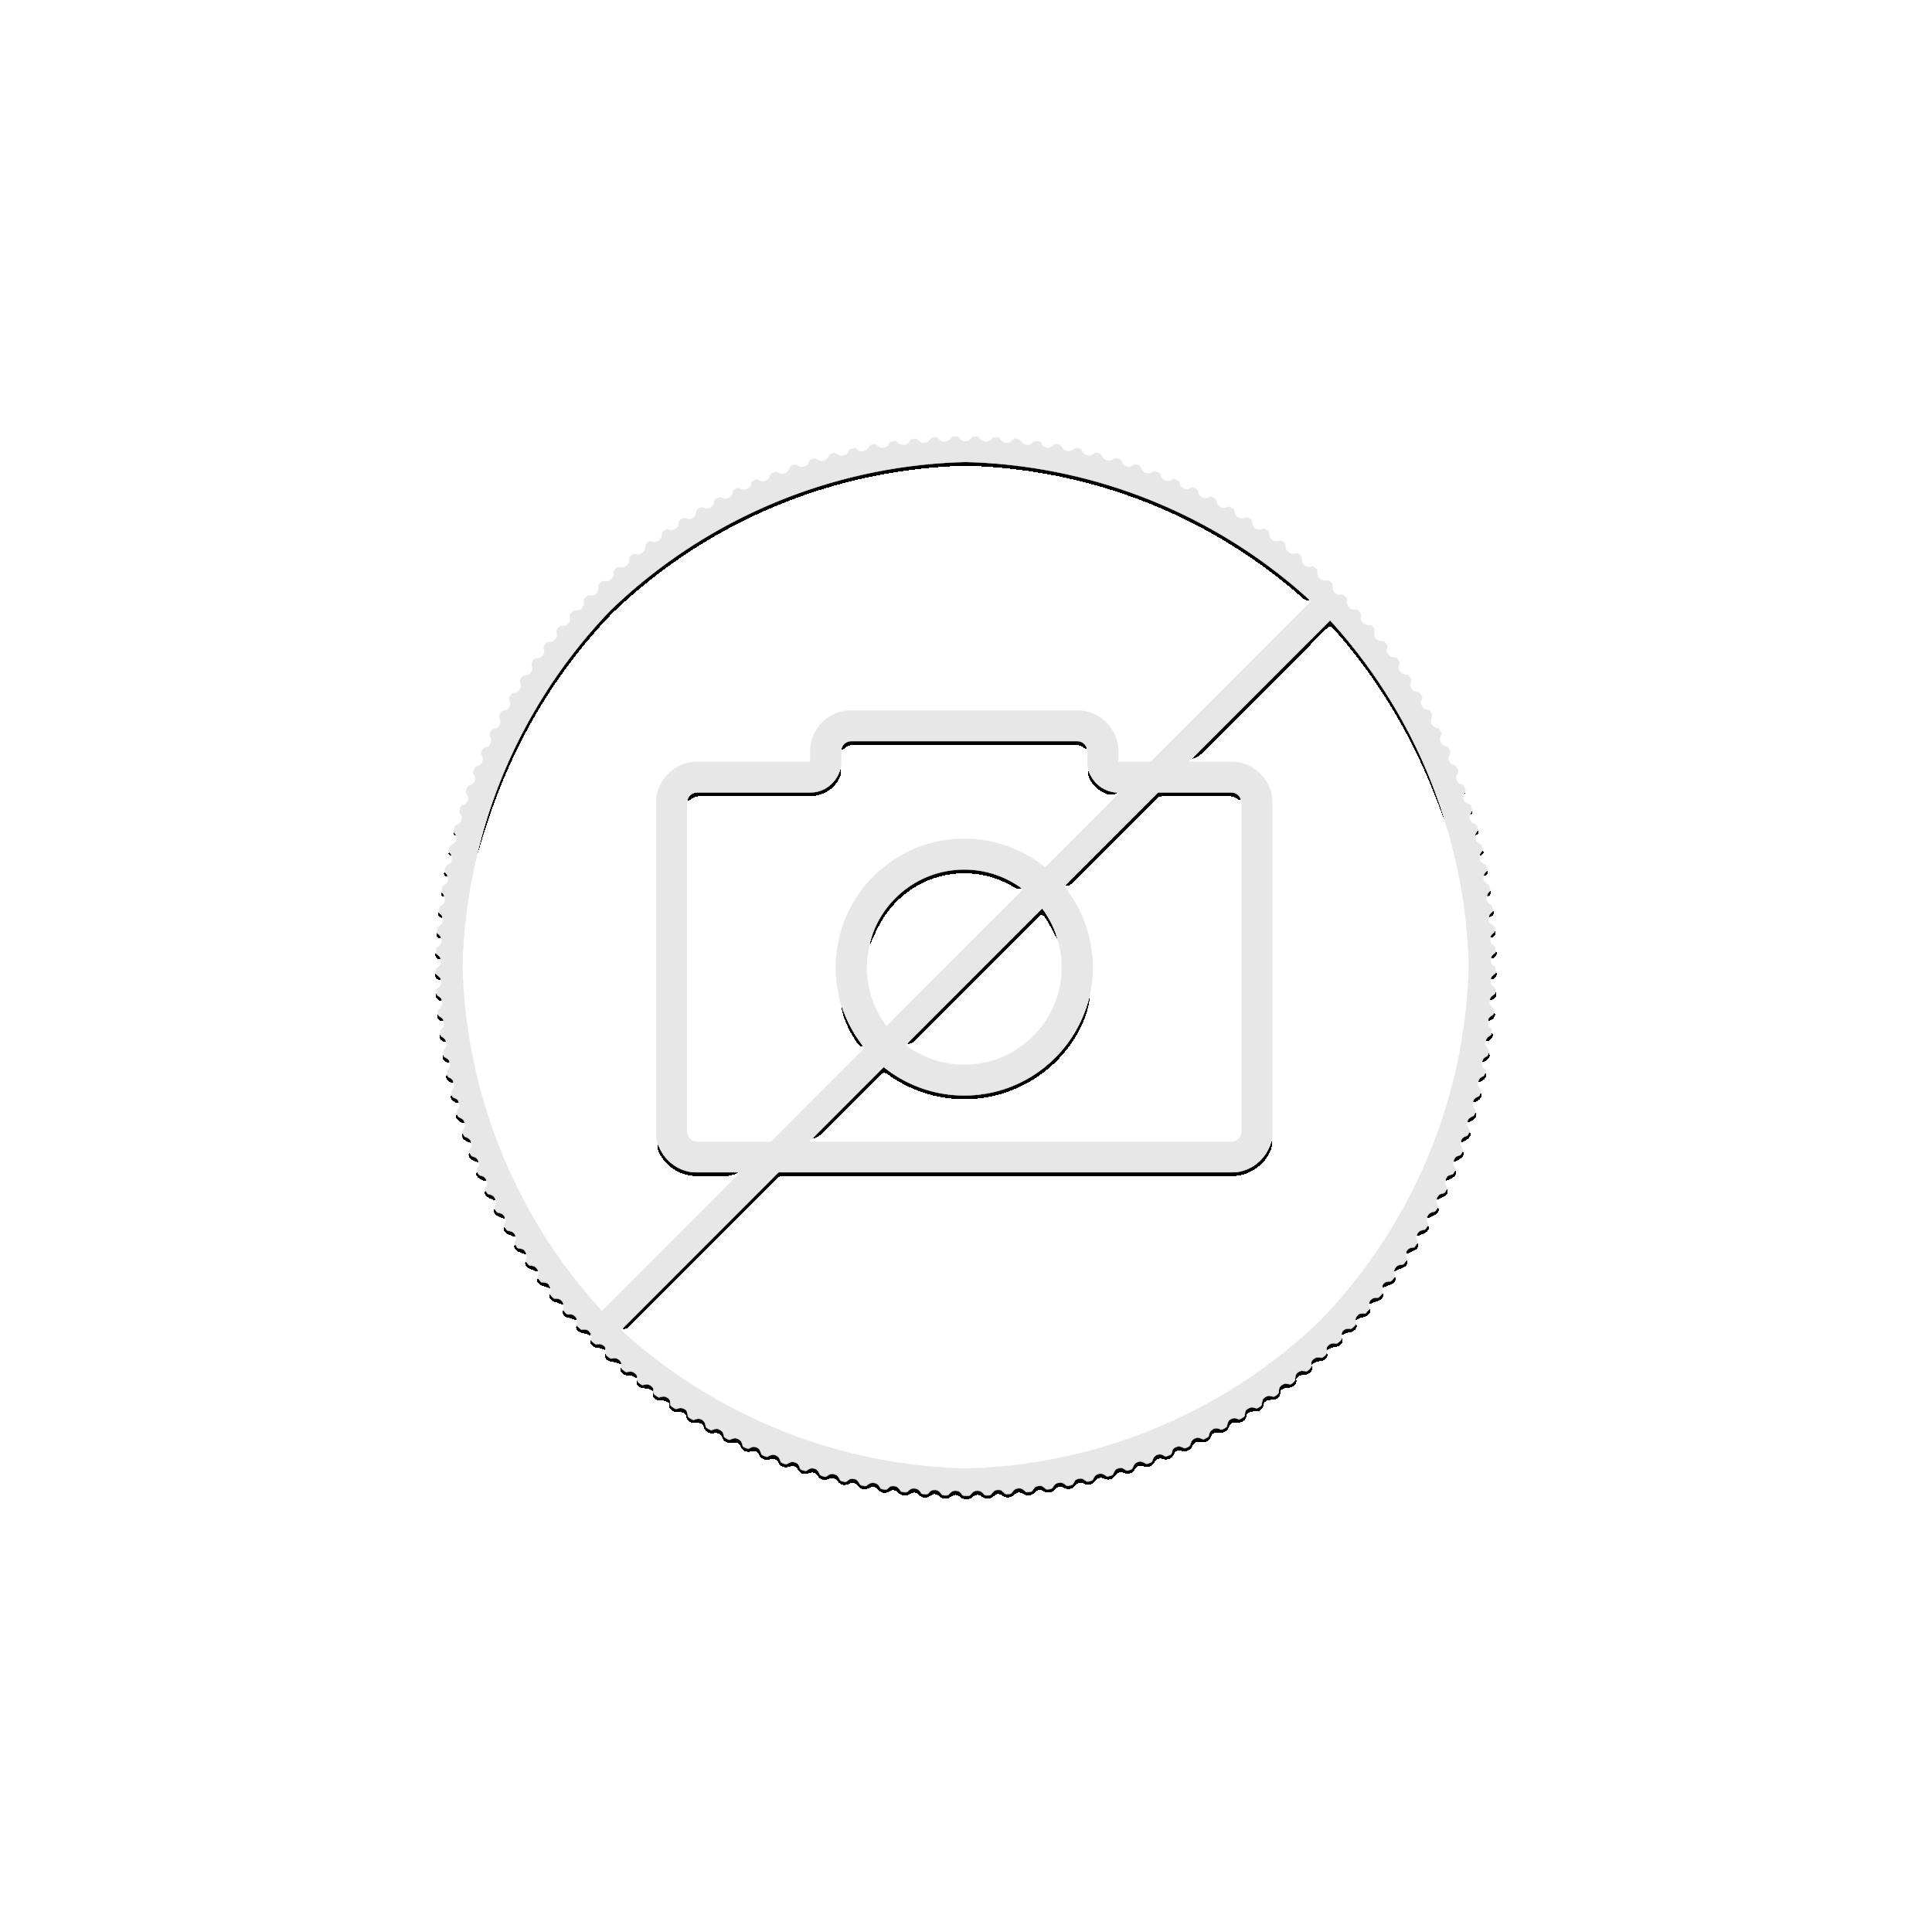 1 troy ounce zilveren munt Kookaburra 2021